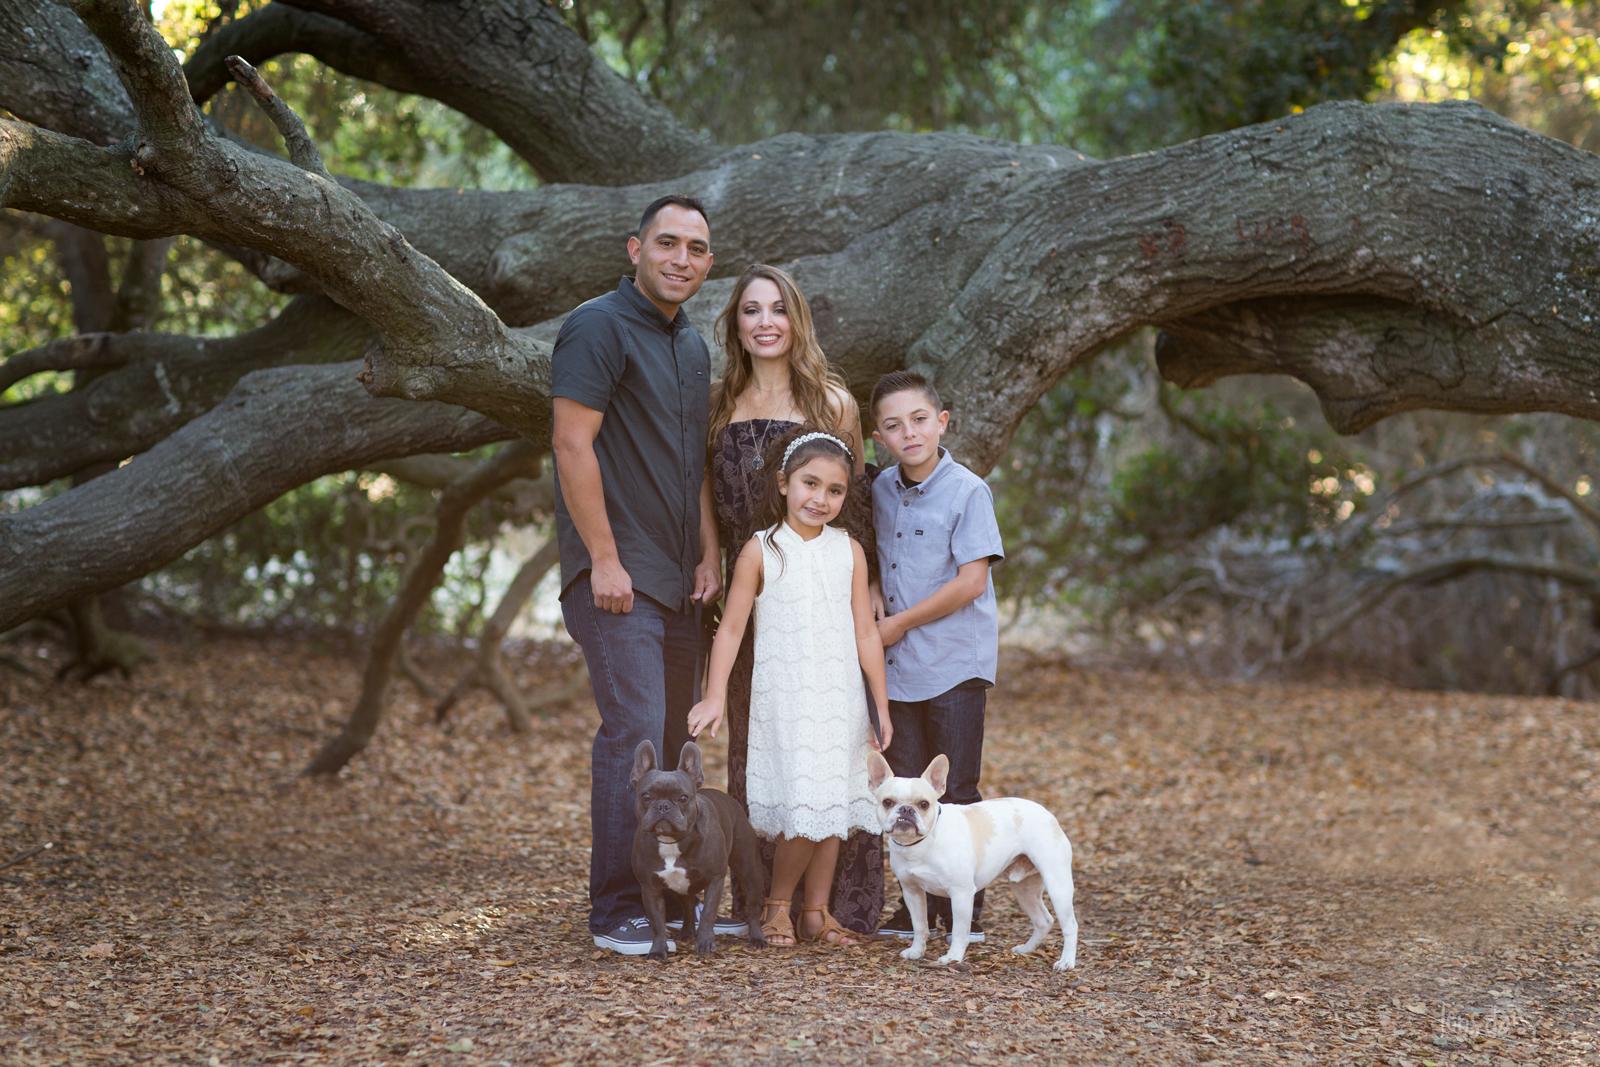 Diehm-Family-005-Edit.jpg